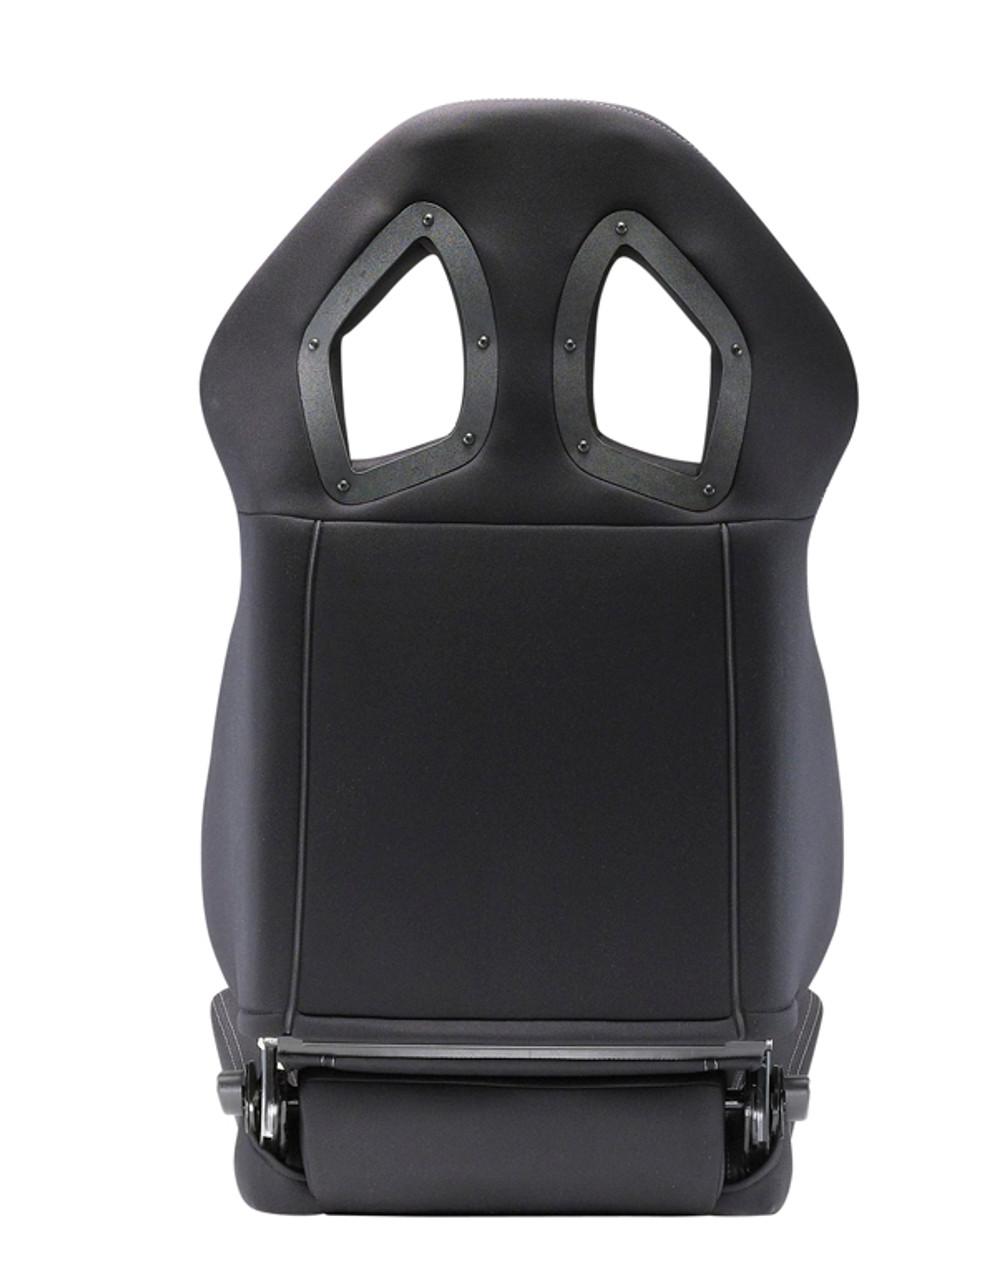 Sparco Chrono Road Seat